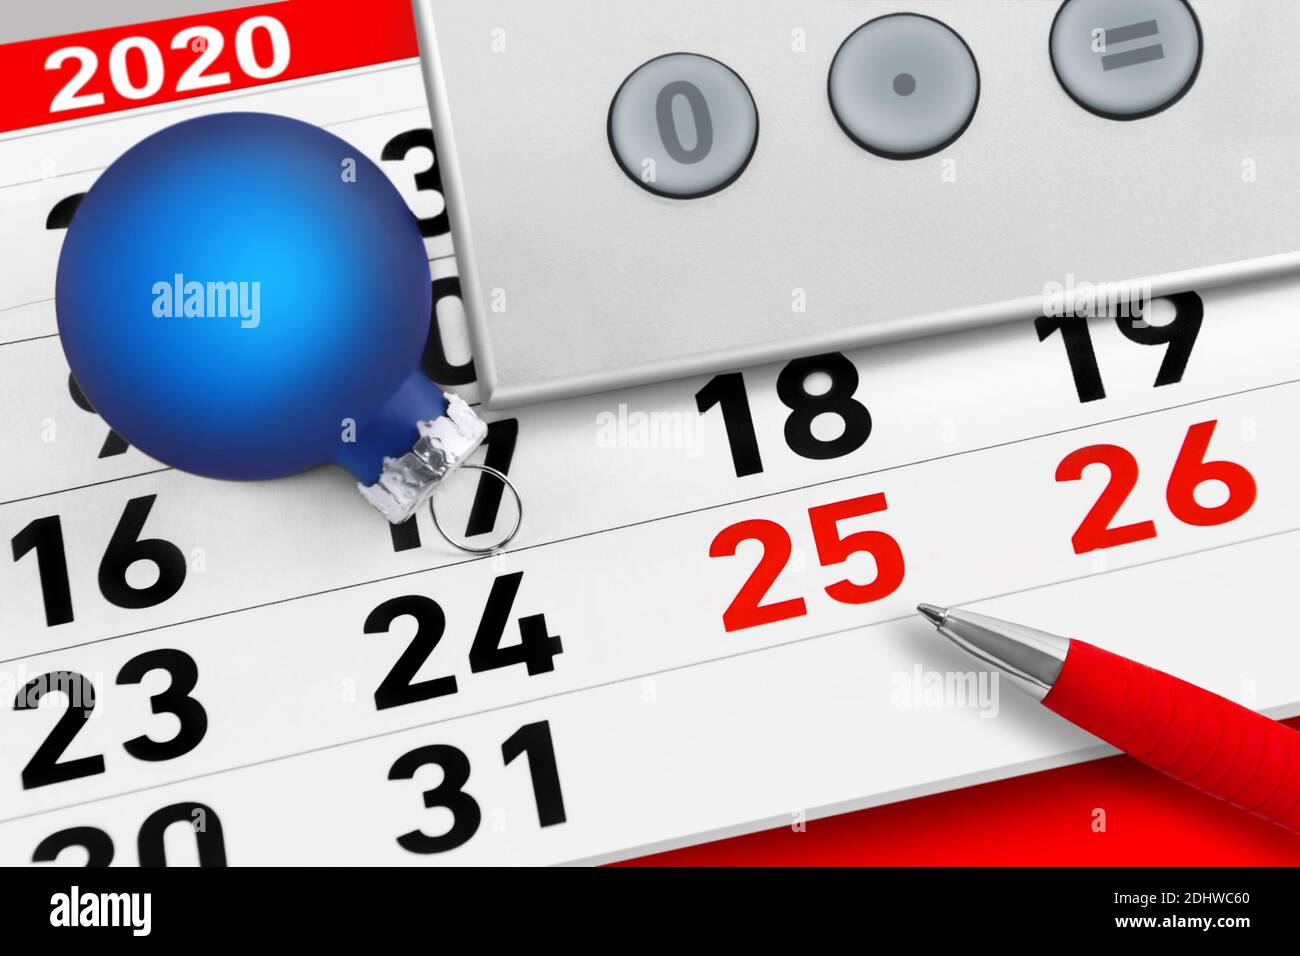 Calendrier de Noël 2020 avec calculatrice et stylo rouge Banque D'Images